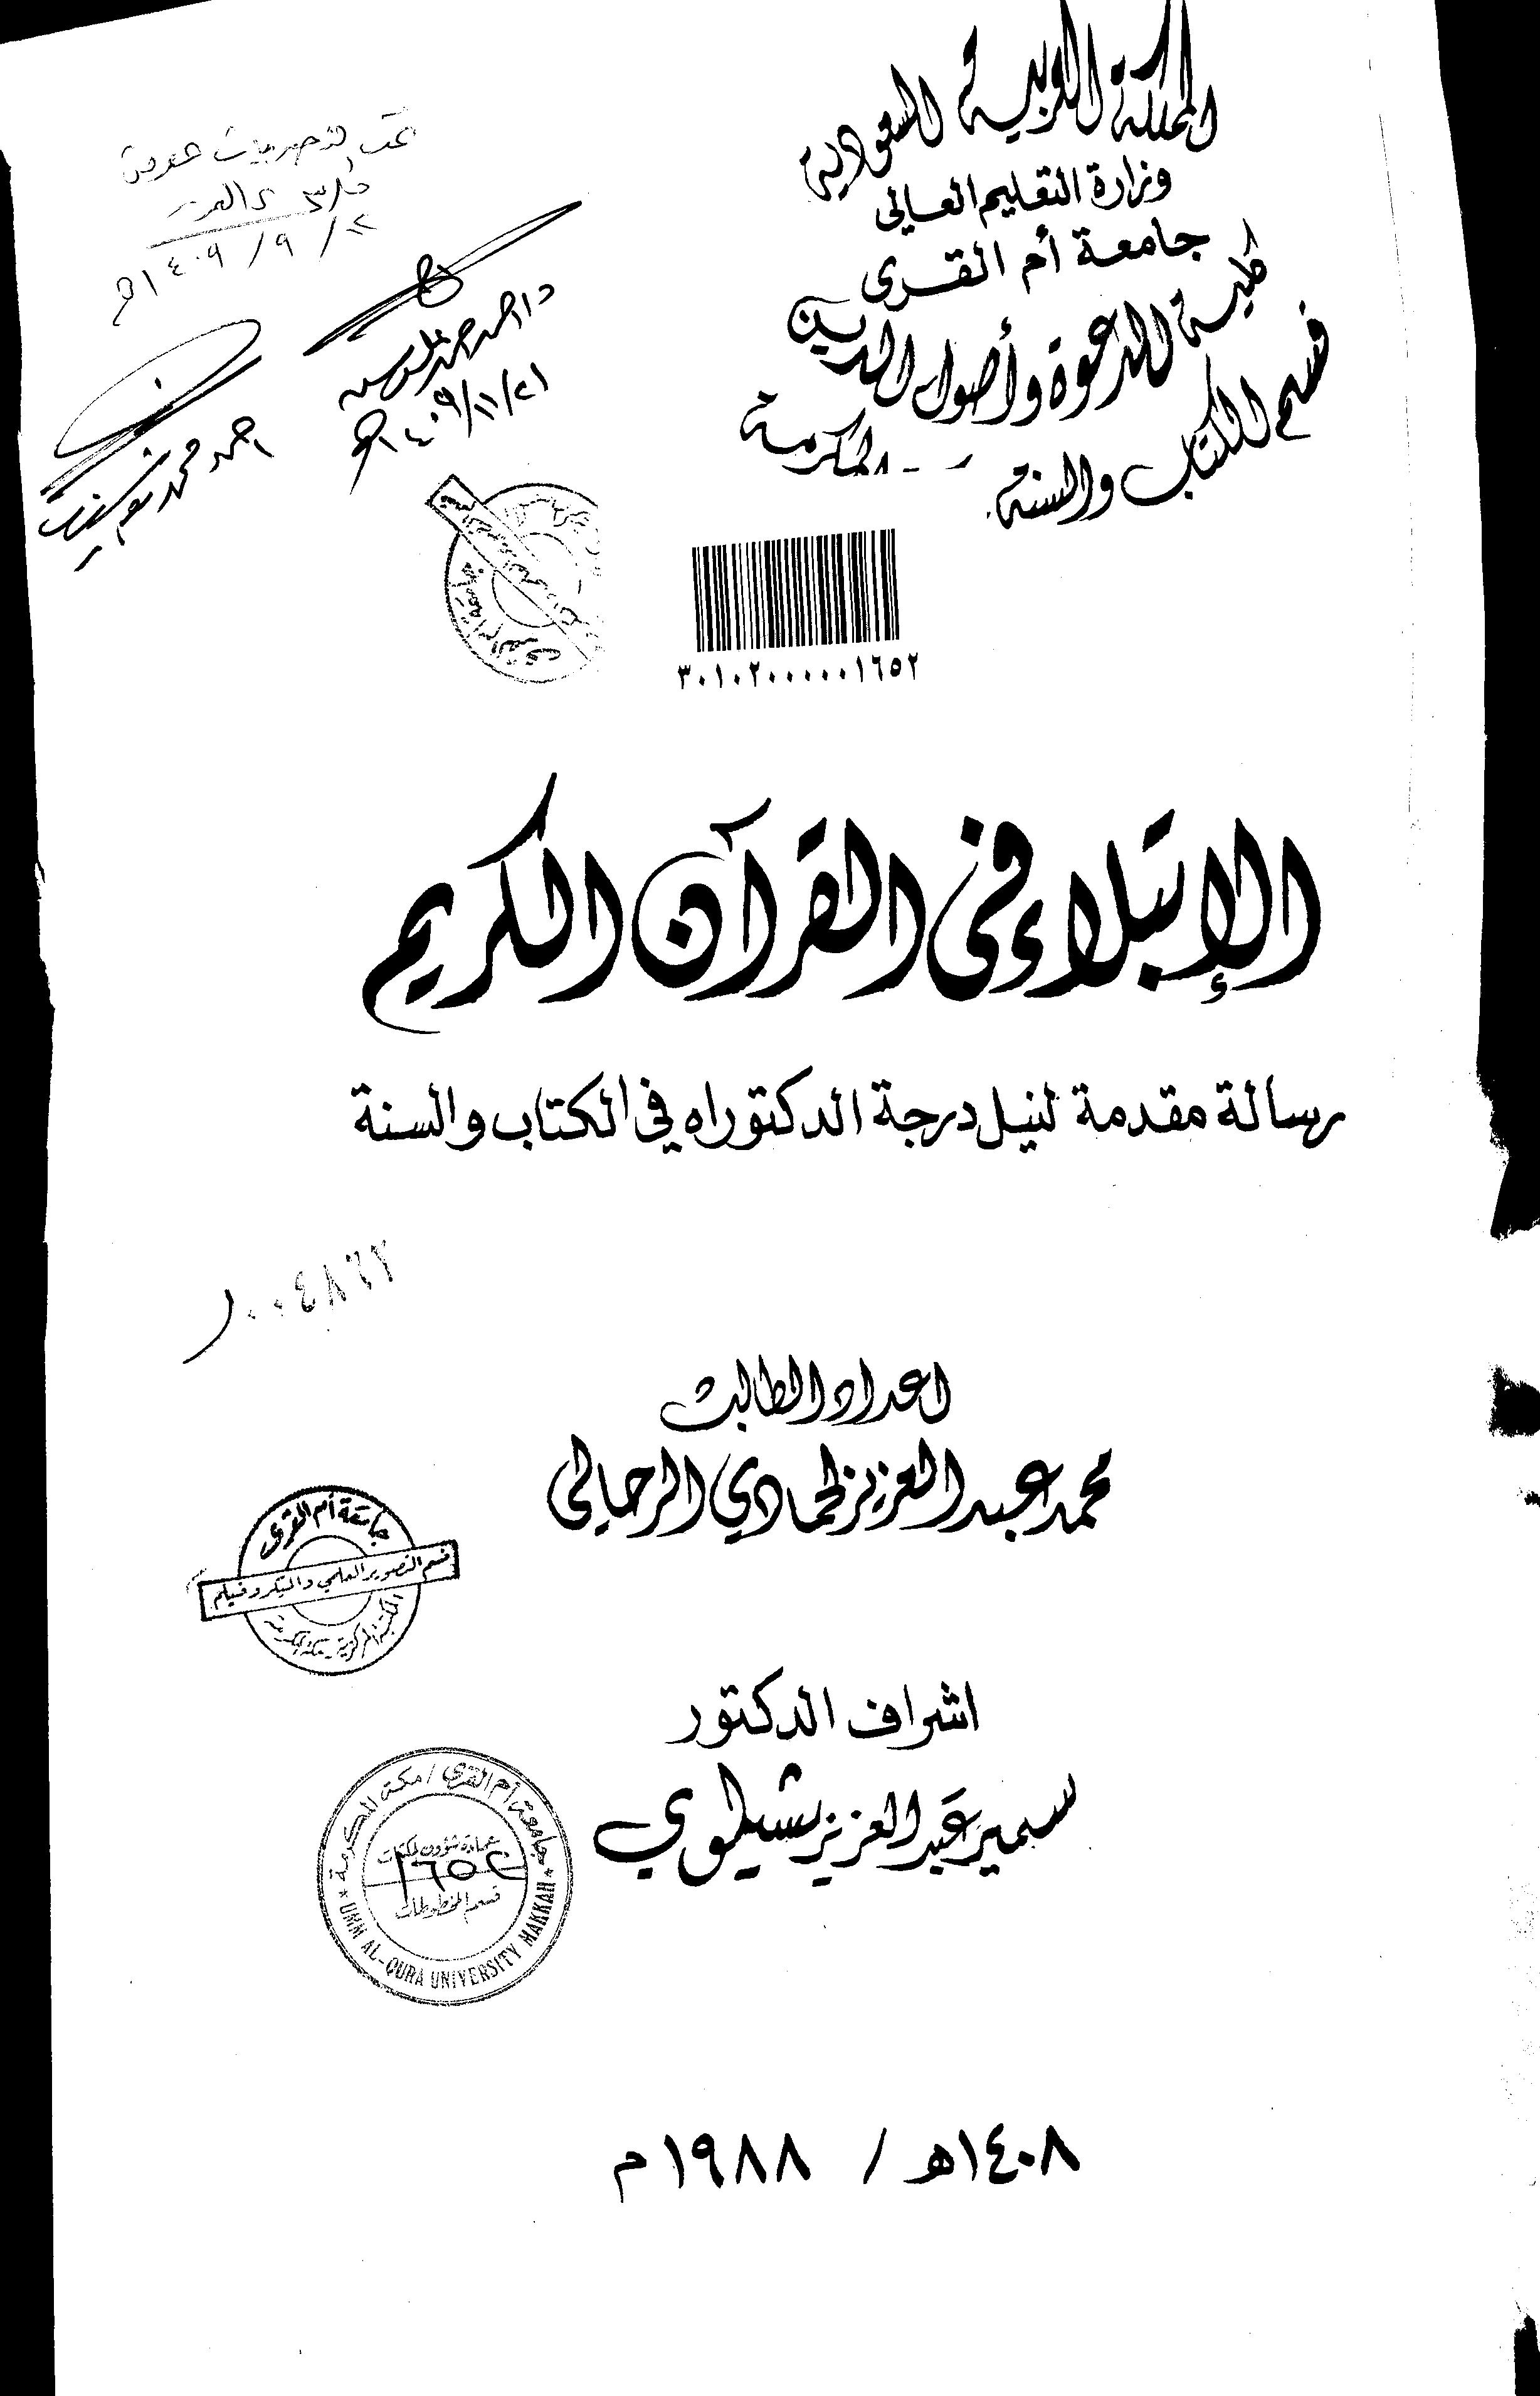 تحميل كتاب الابتلاء في القرآن الكريم لـِ: الدكتور محمد عبد العزيز الحمادي الرحالي